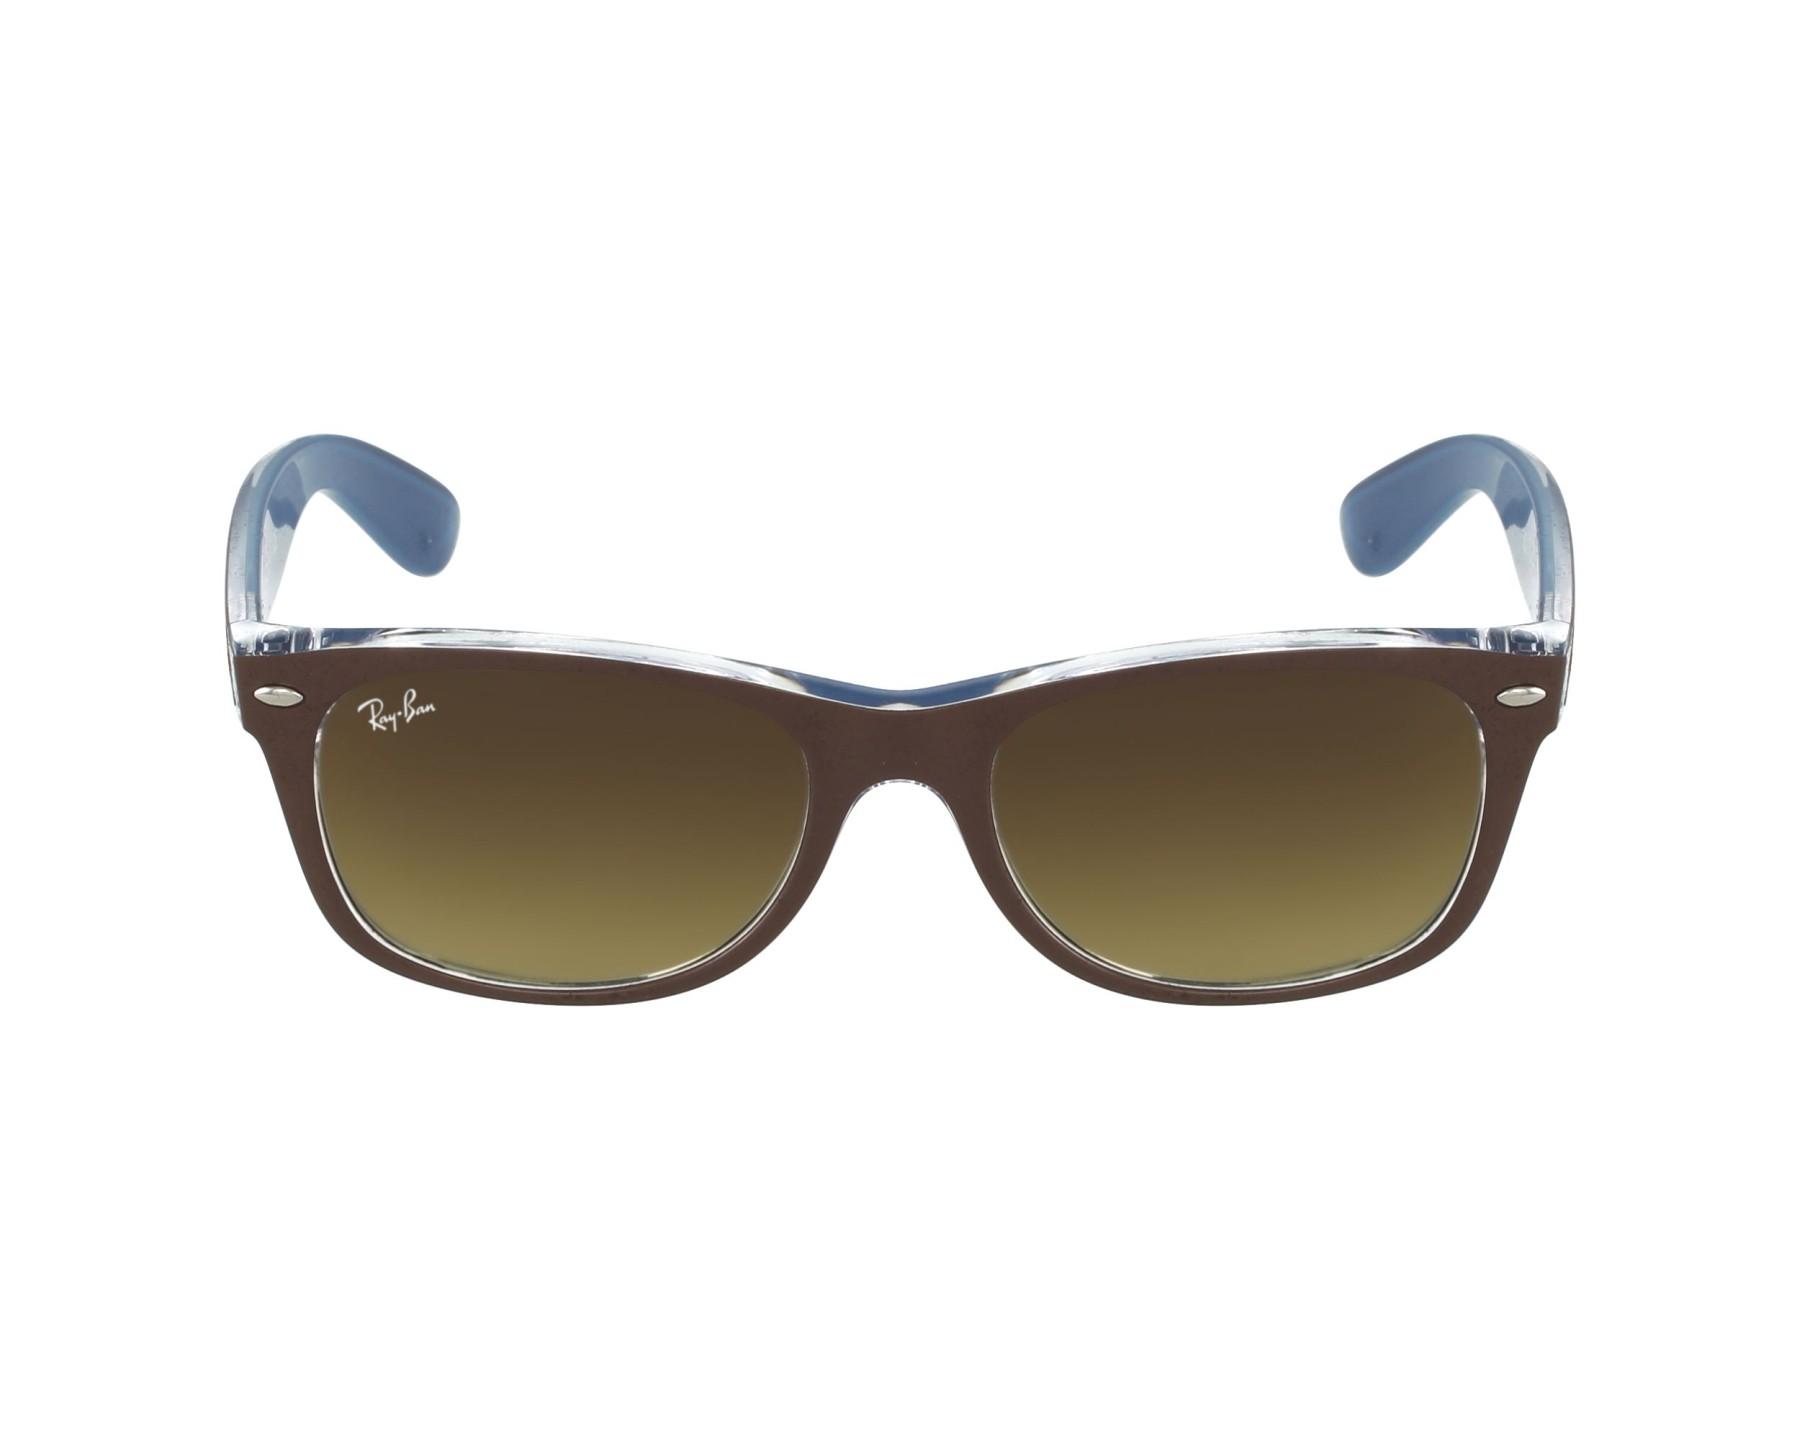 lunettes de soleil rayban rb2132 618985 marron pas cher